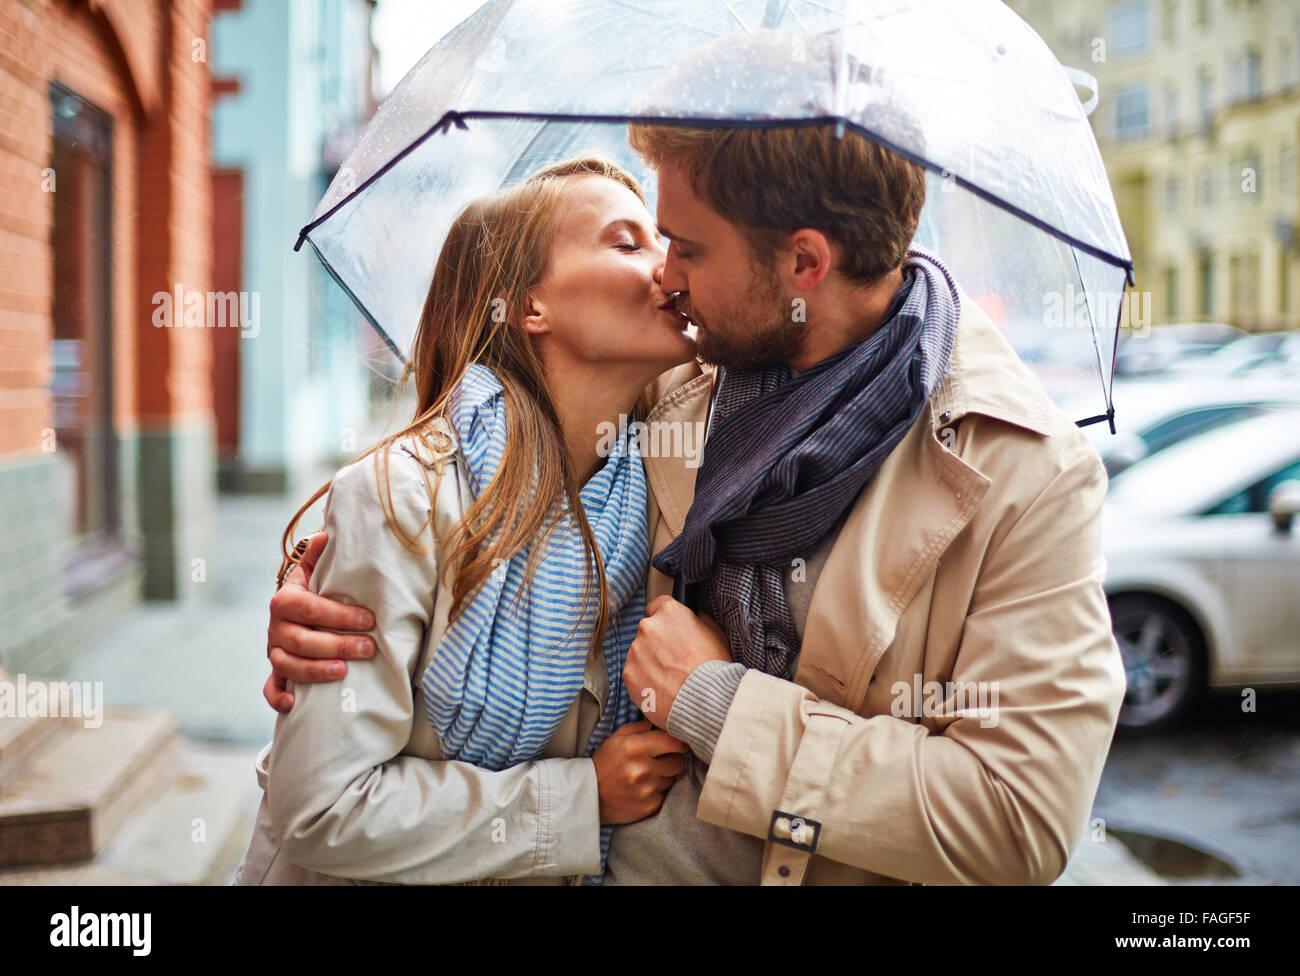 Jeune couple amoureux partager tendre baiser under umbrella Photo Stock